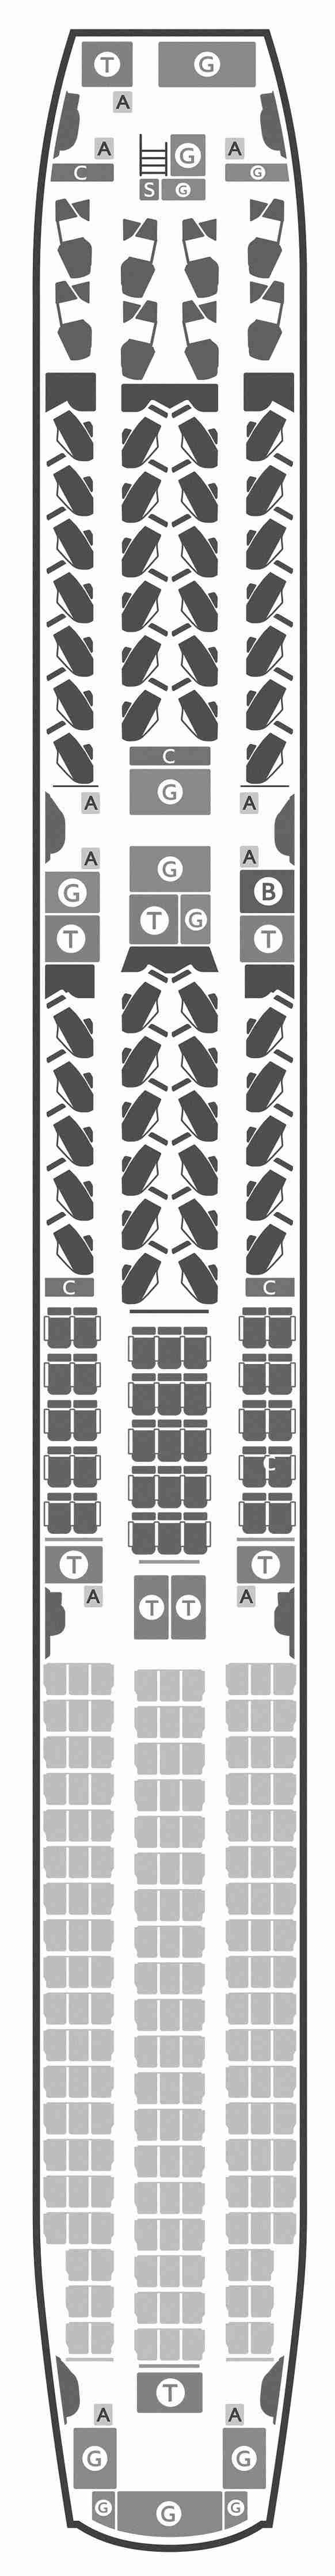 British Airways 787-10 seat map (Courtesy of British Airways)